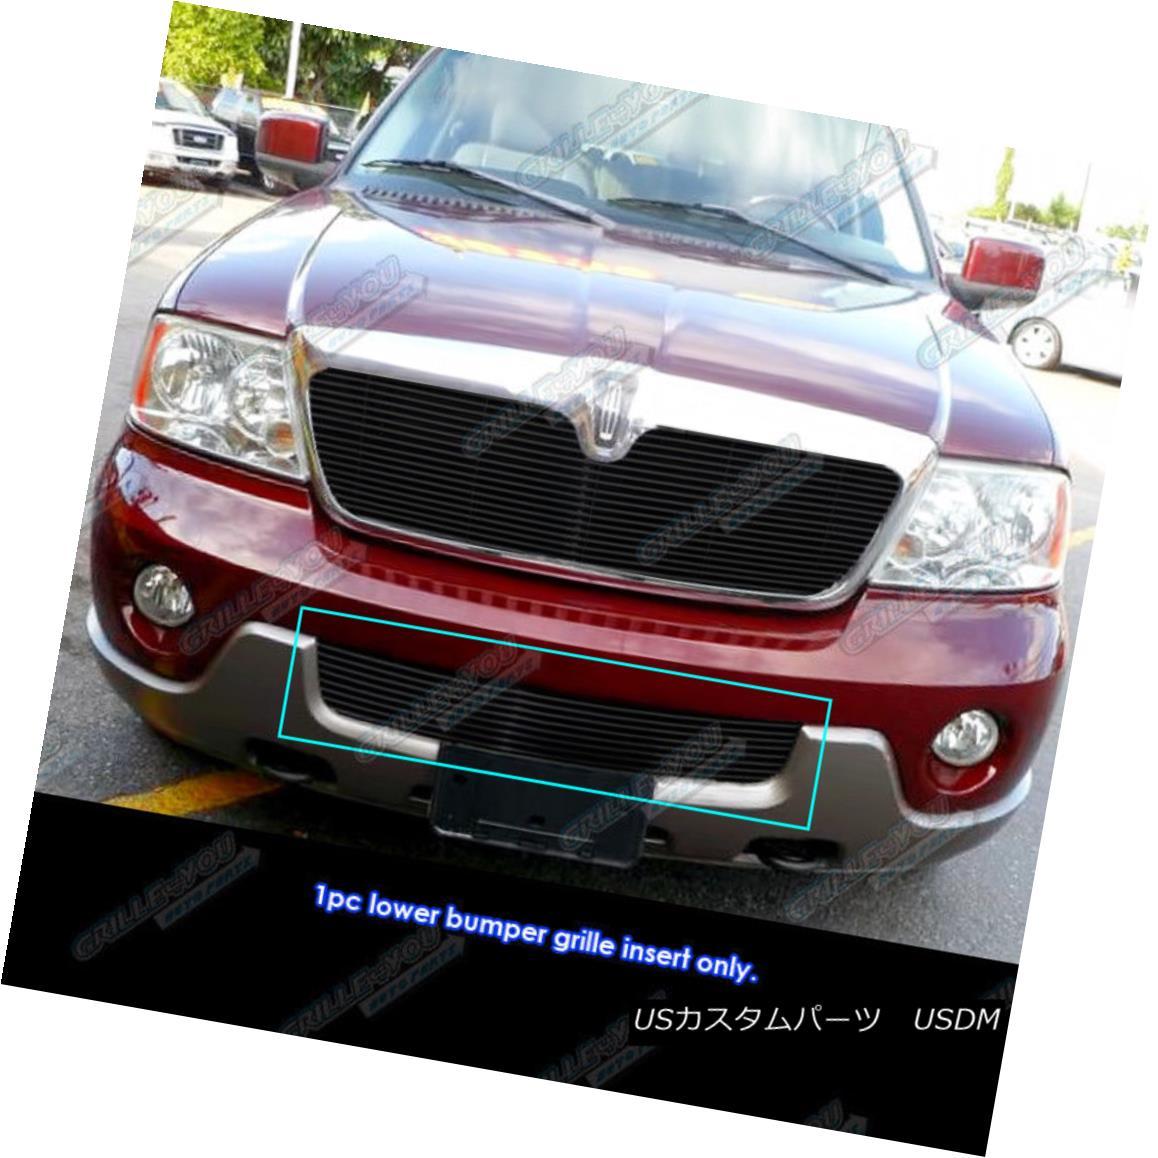 グリル Fits 03-04 Lincoln Navigator Lower Bumper Black Billet Grille Insert フィット03-04リンカーンナビゲーターロワーバンパーブラックビレットグリルインサート